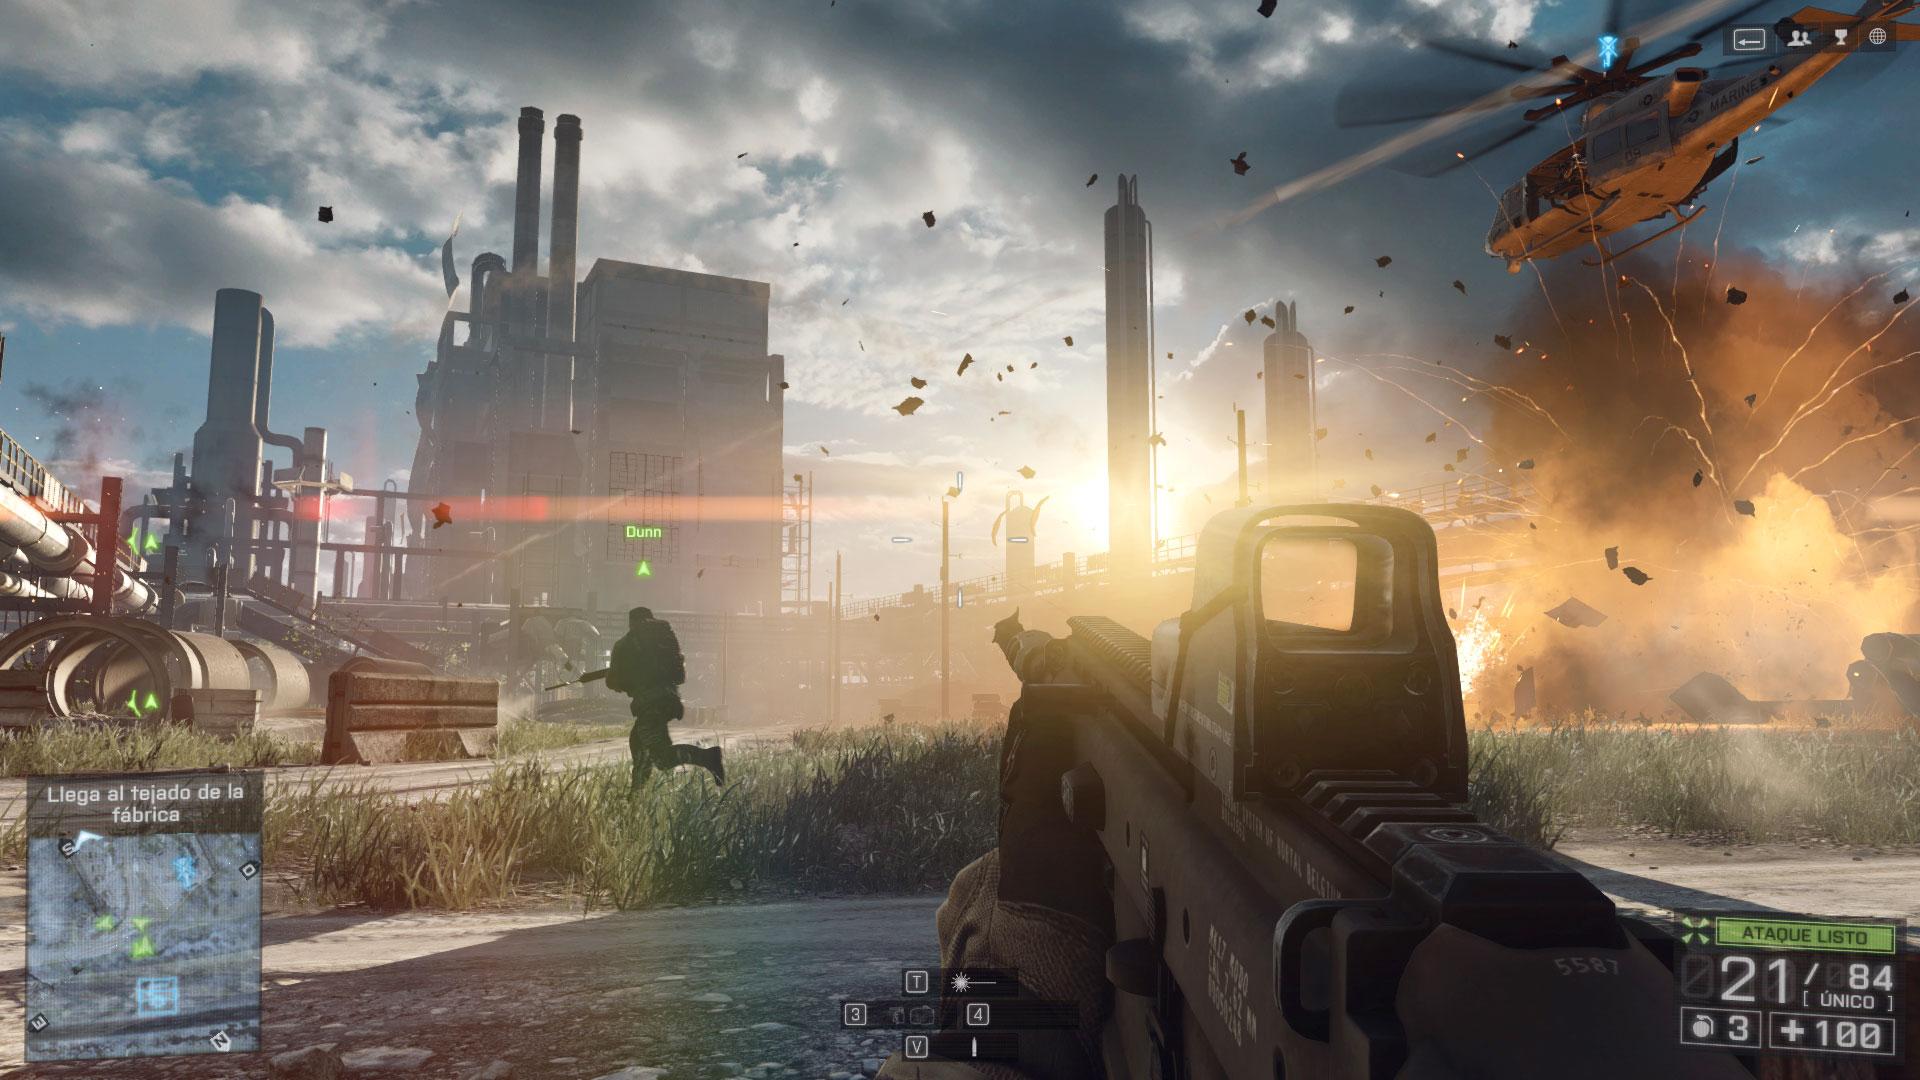 ¿Os acordáis de lo desastroso que fue el lanzamiento de Battlefield 4 en PC? Al menos recibimos dos mapas gratis pasados los años...